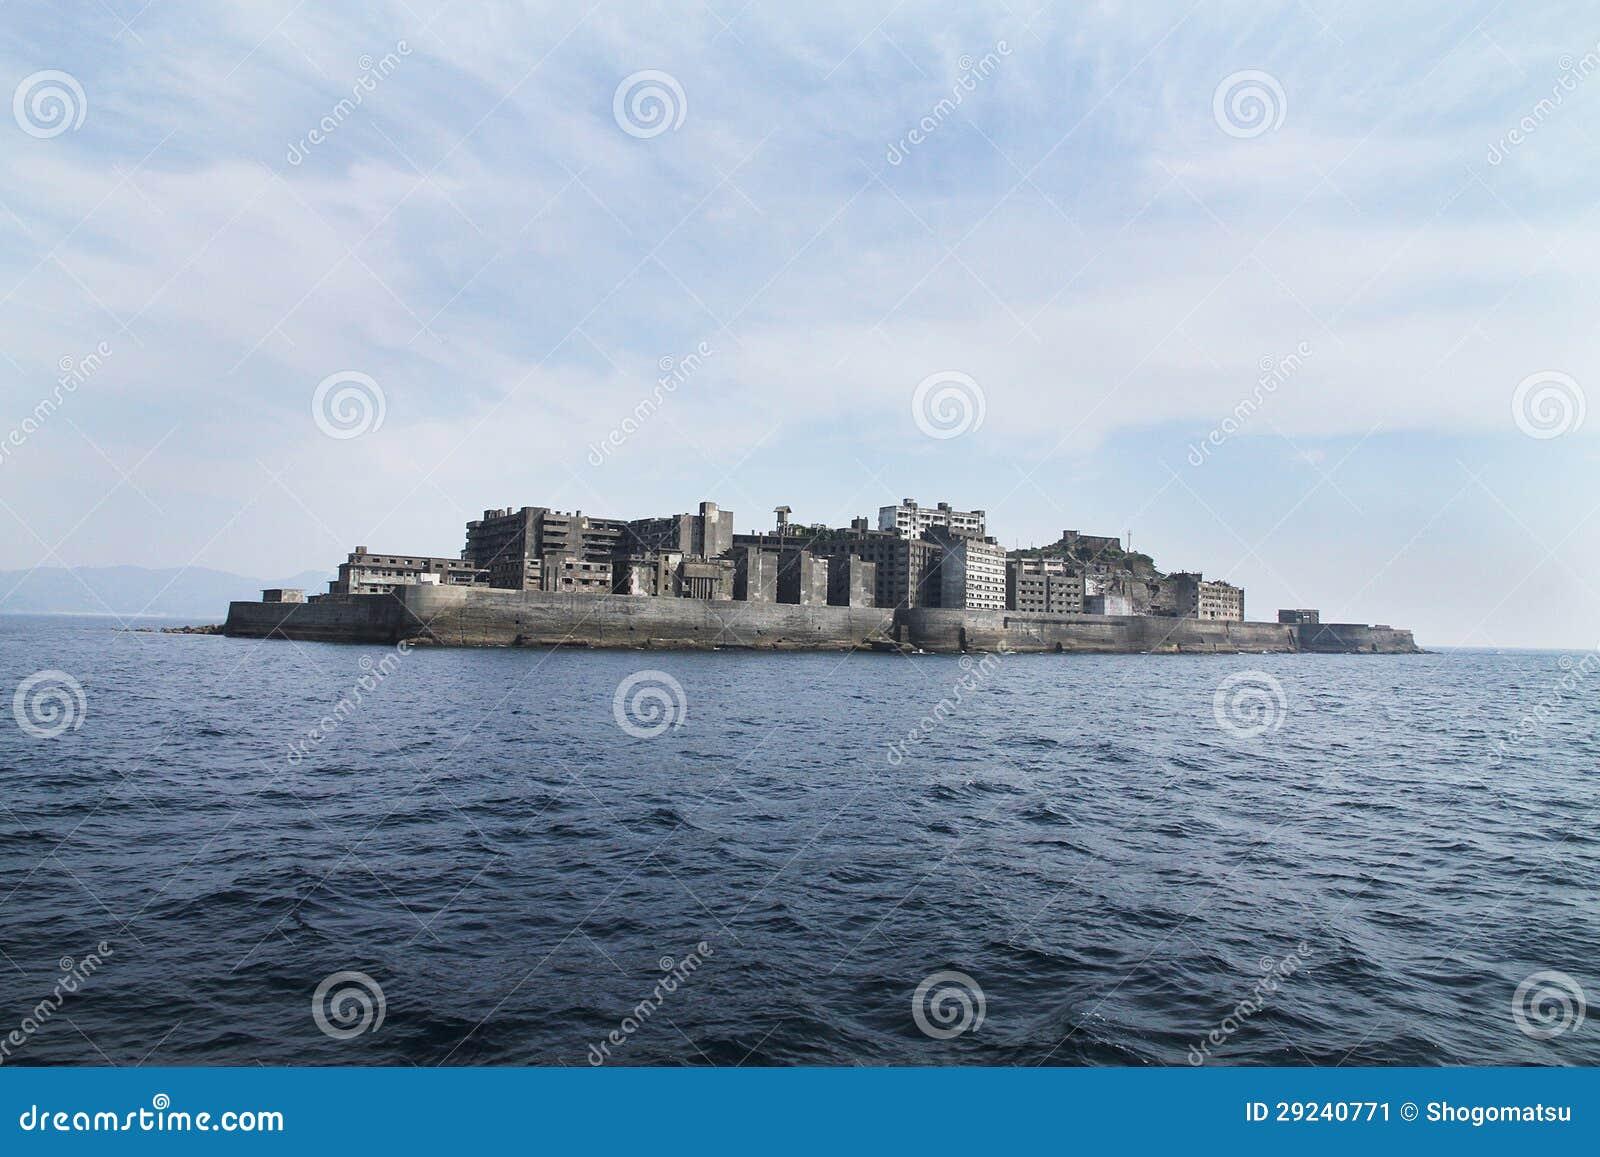 Download Ilha concreta imagem de stock. Imagem de navio, console - 29240771